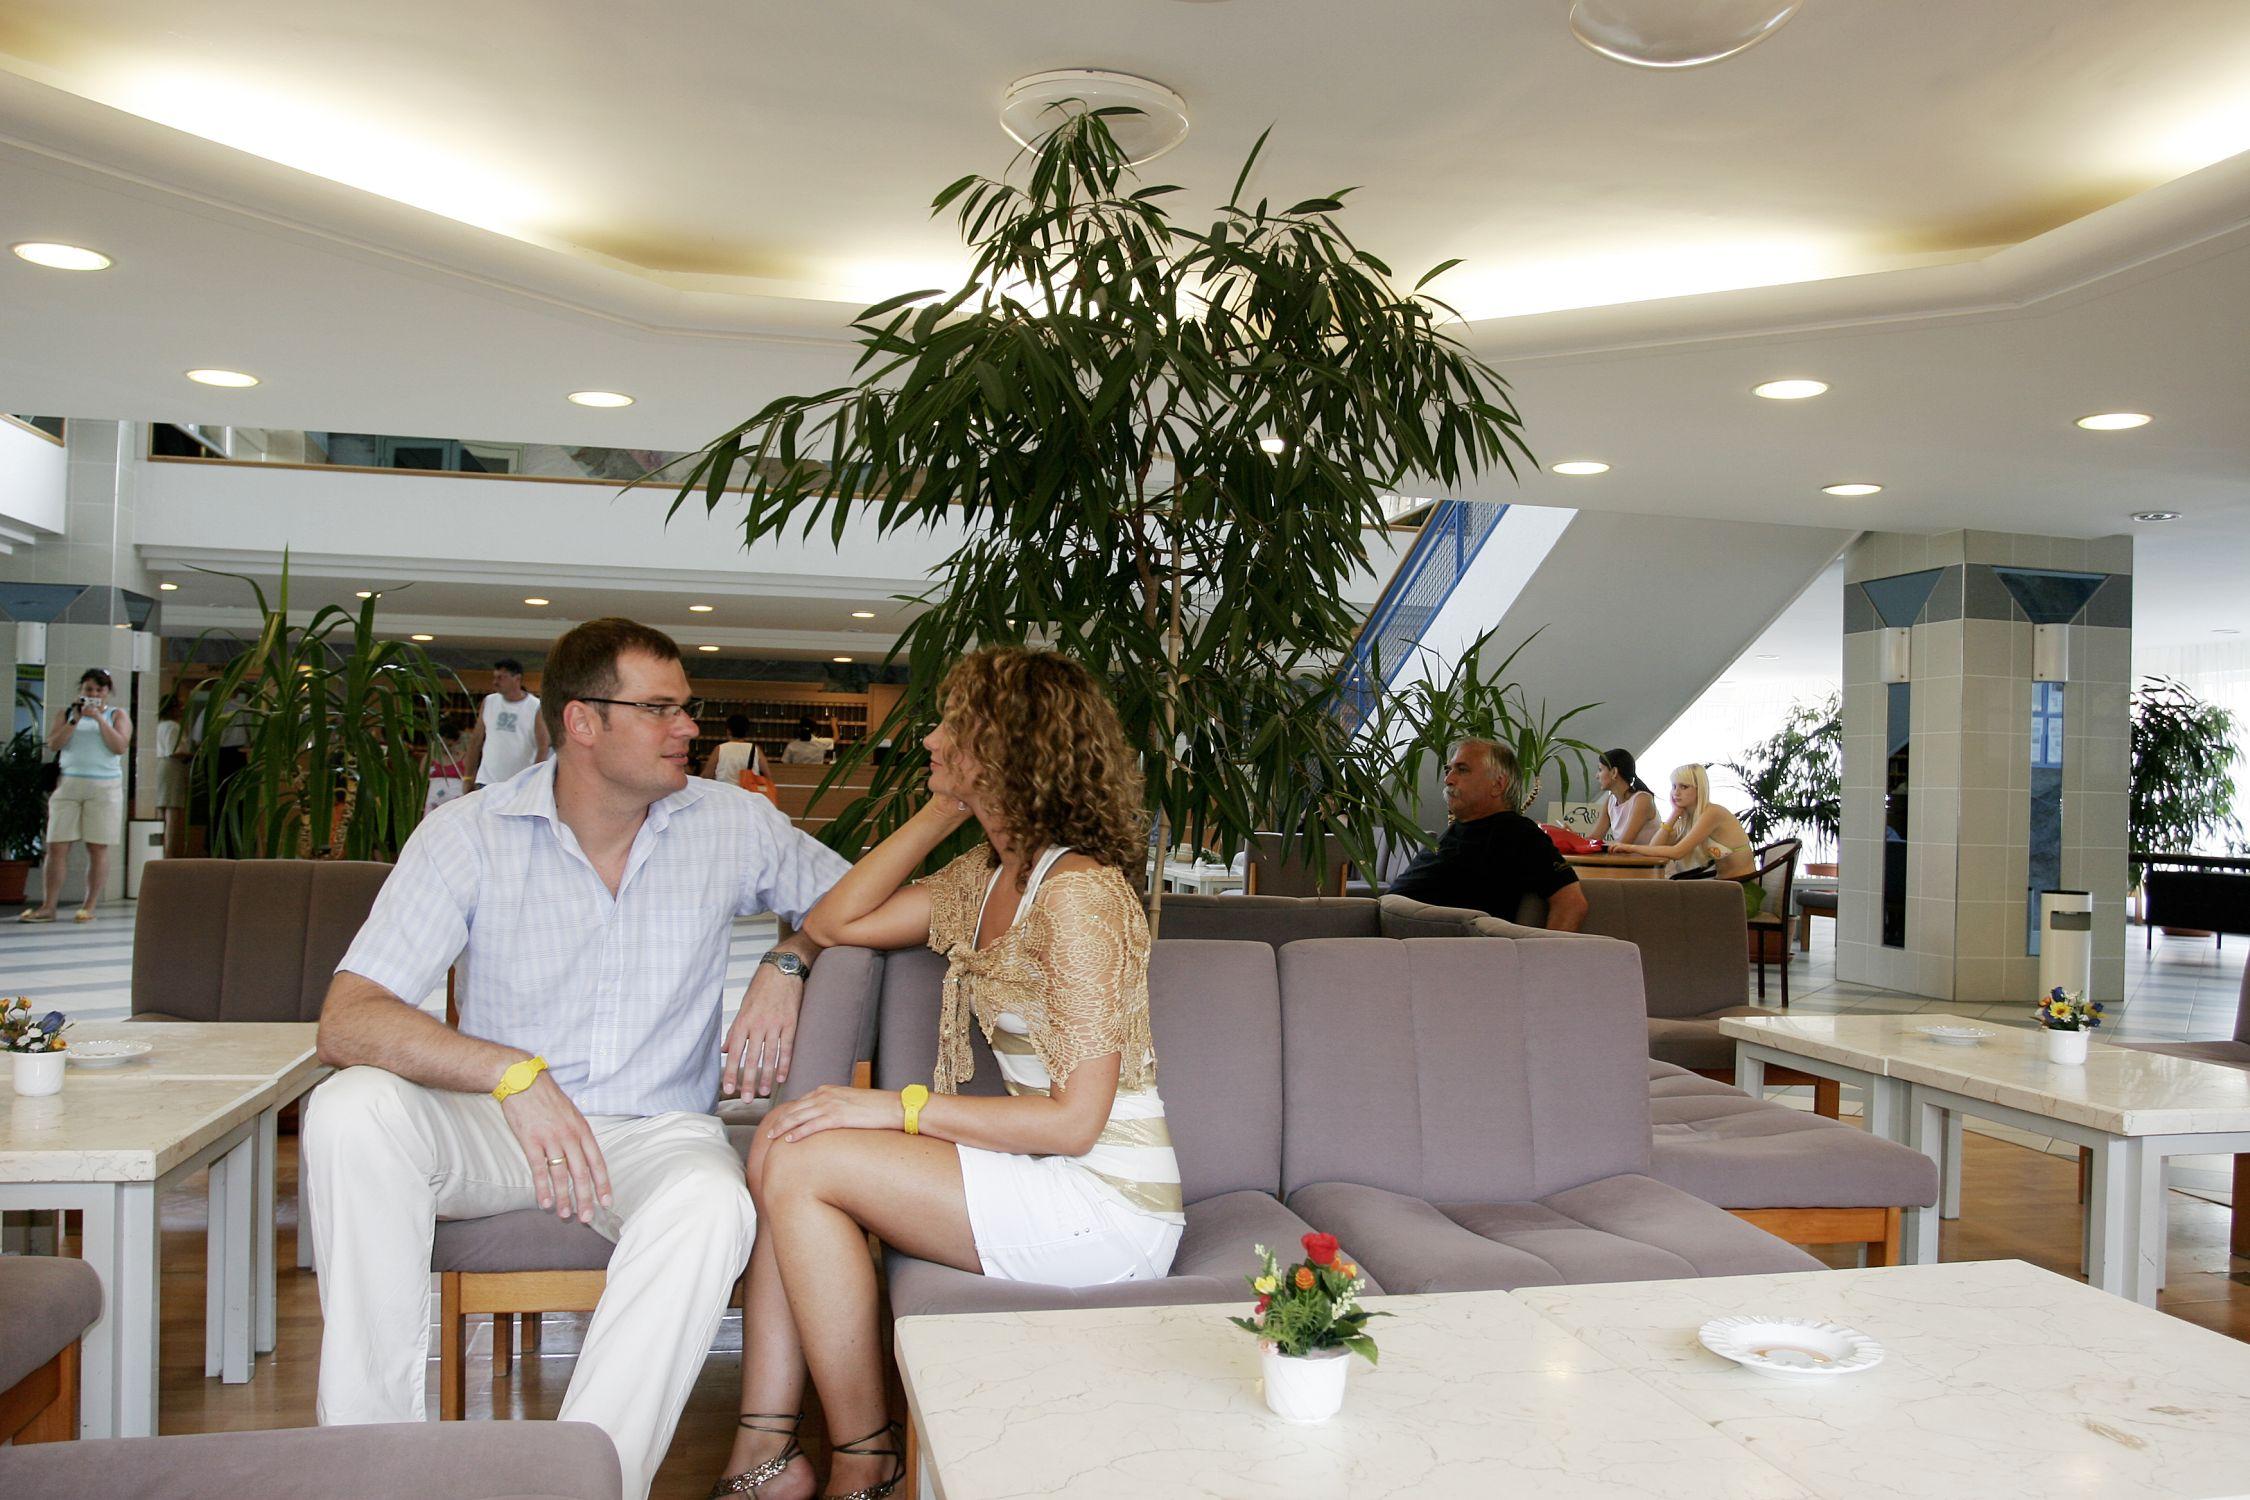 Fiatal pár üldögél a Hotel Marina lobbyjában